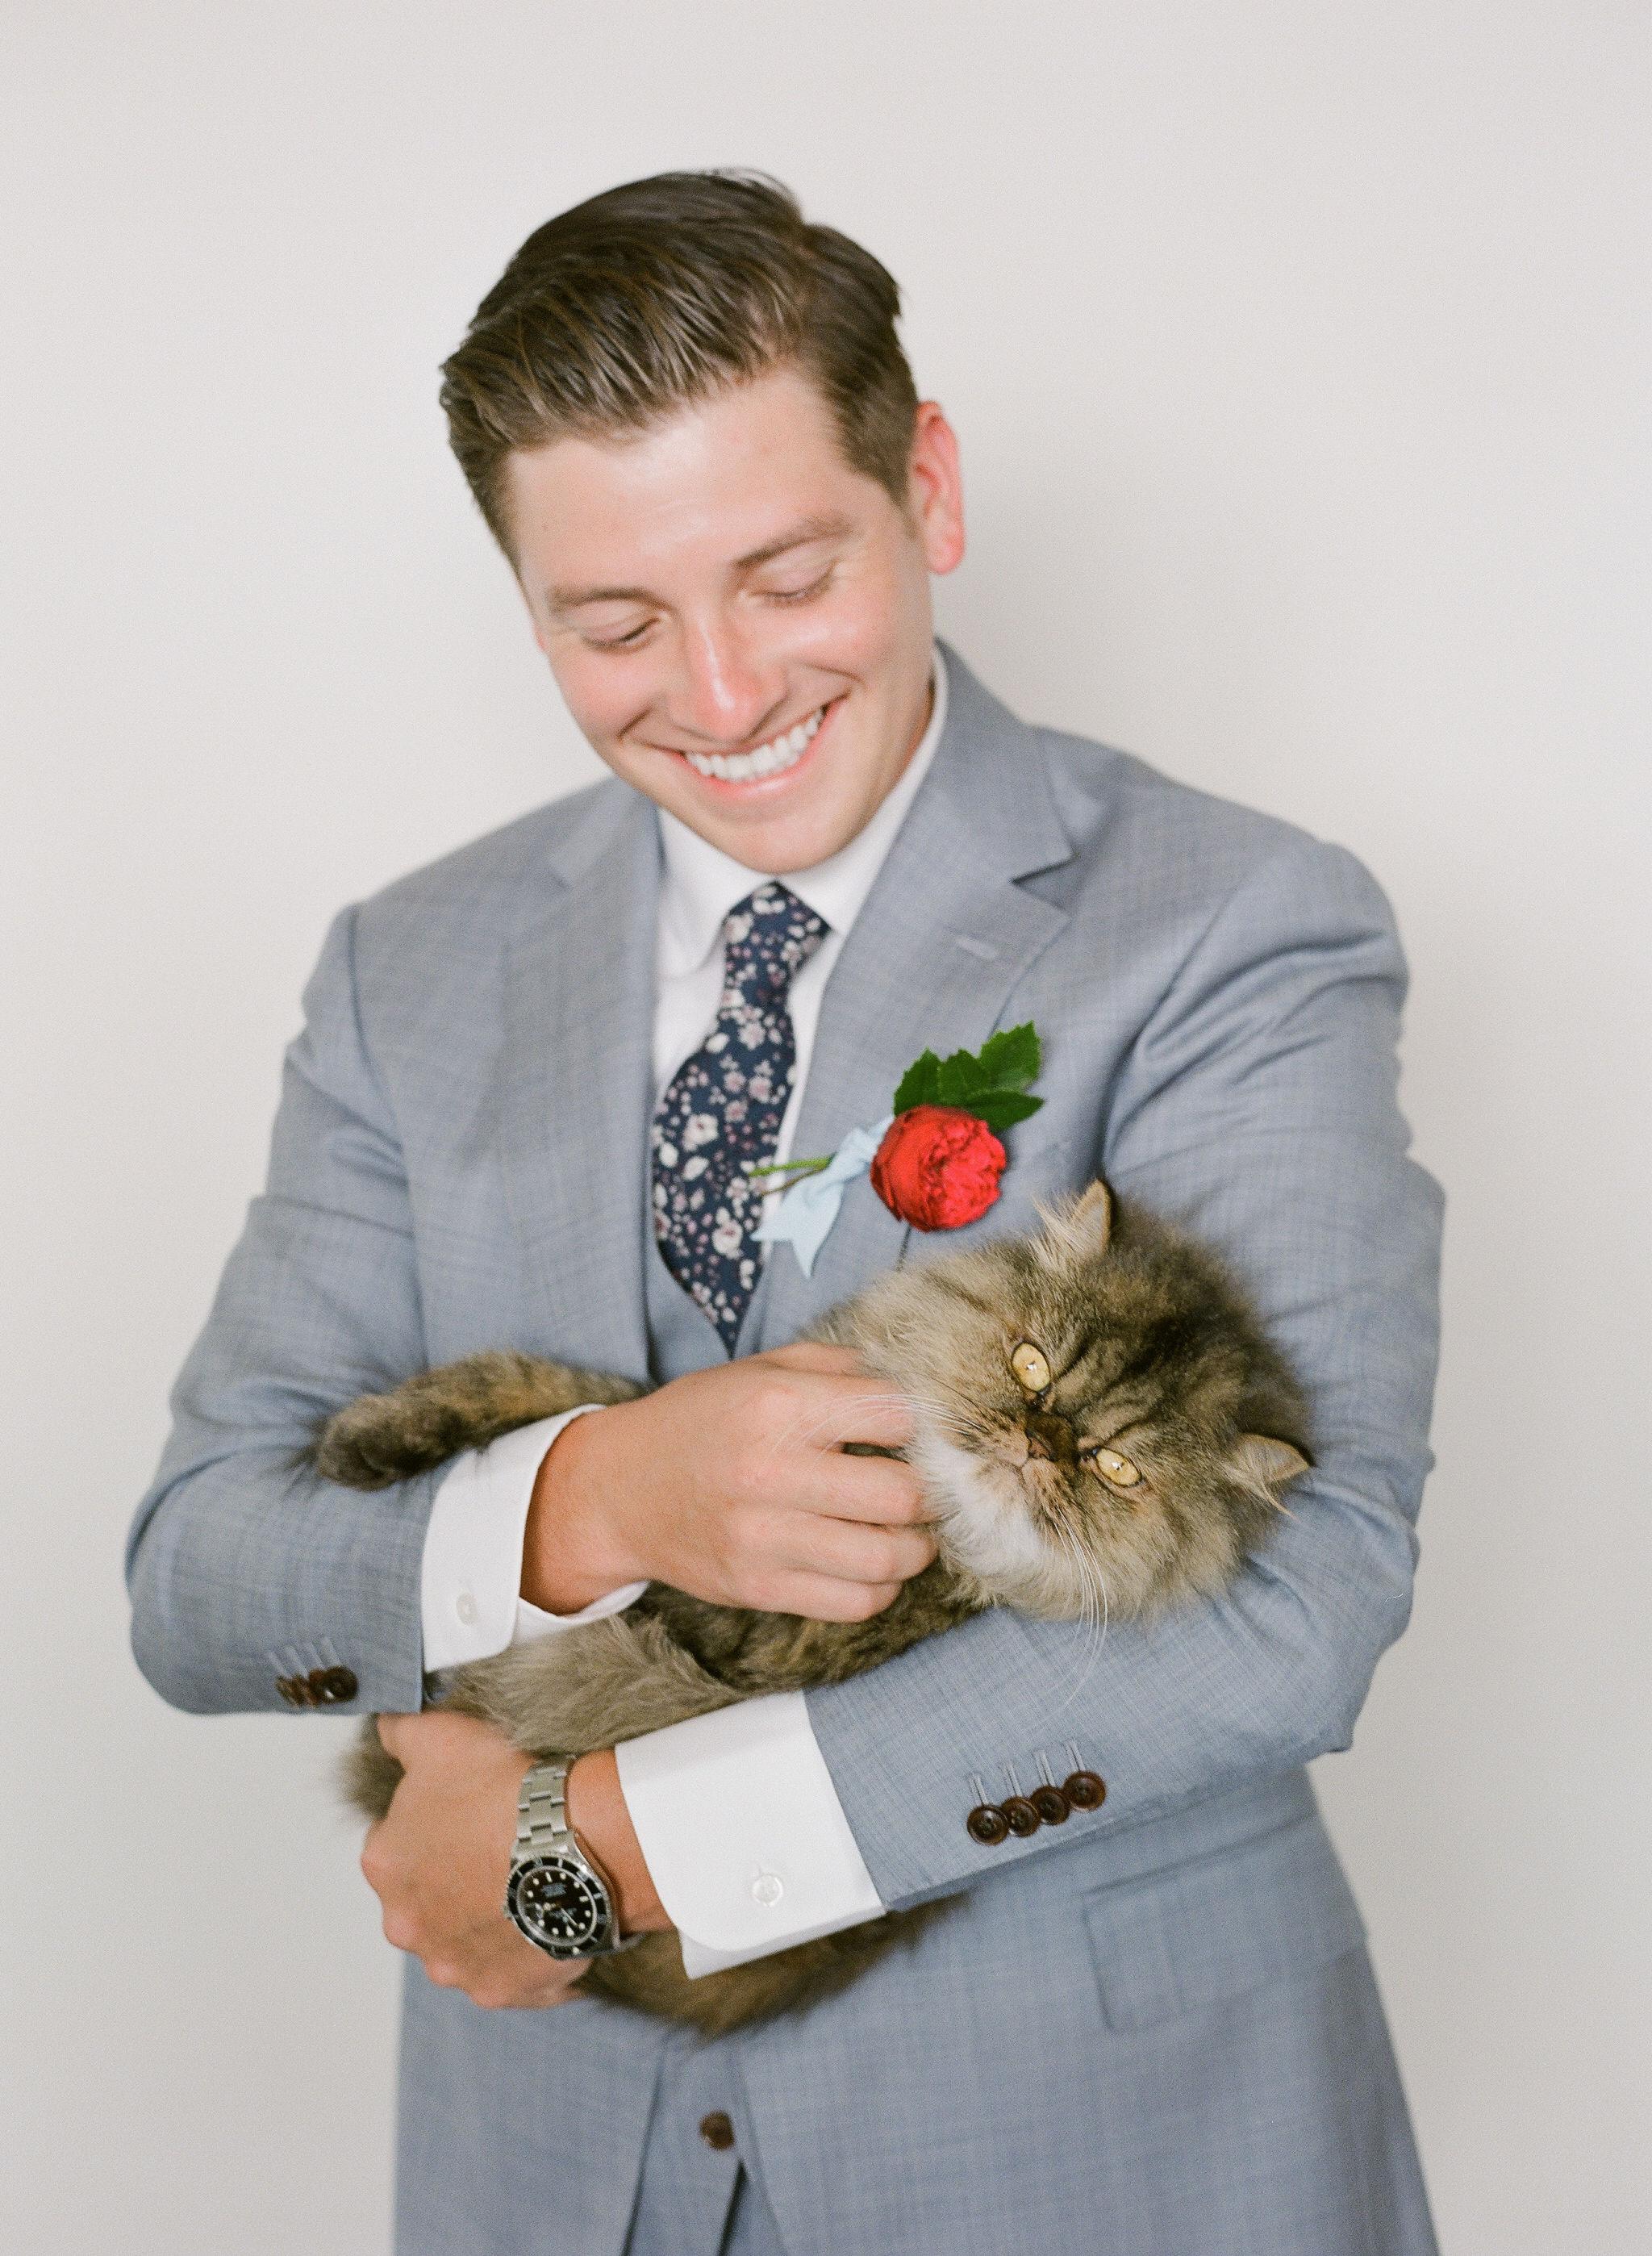 colleen stephen newport wedding groom holding cat